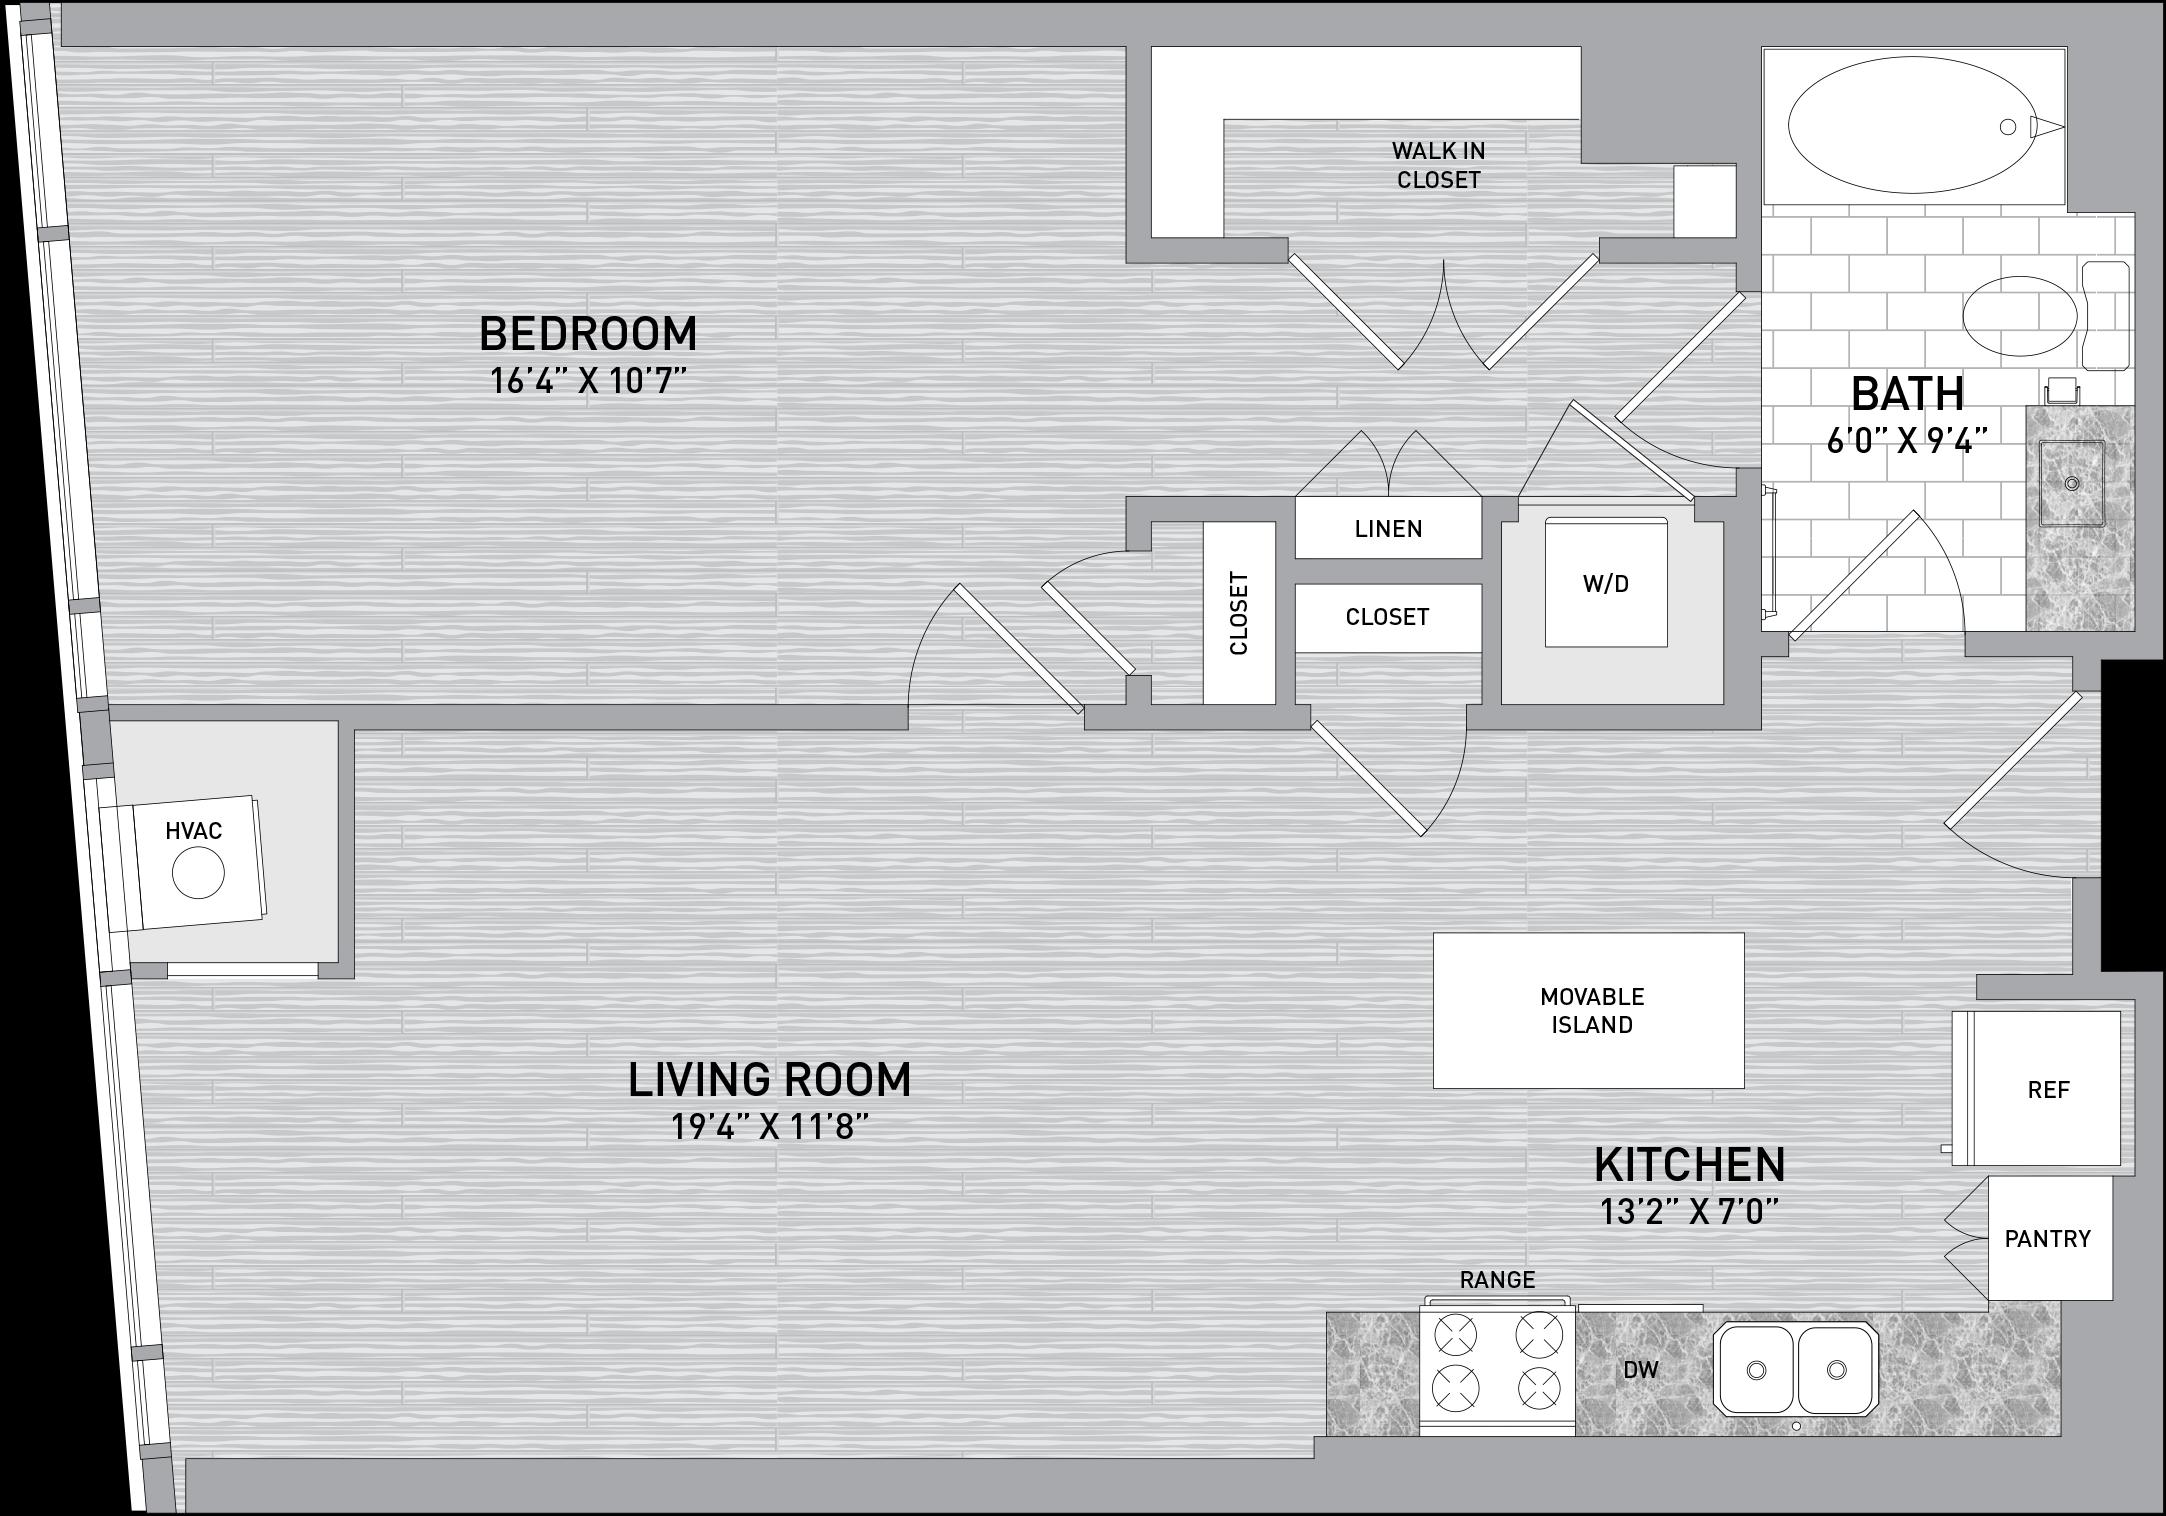 floorplan image of unit id 424